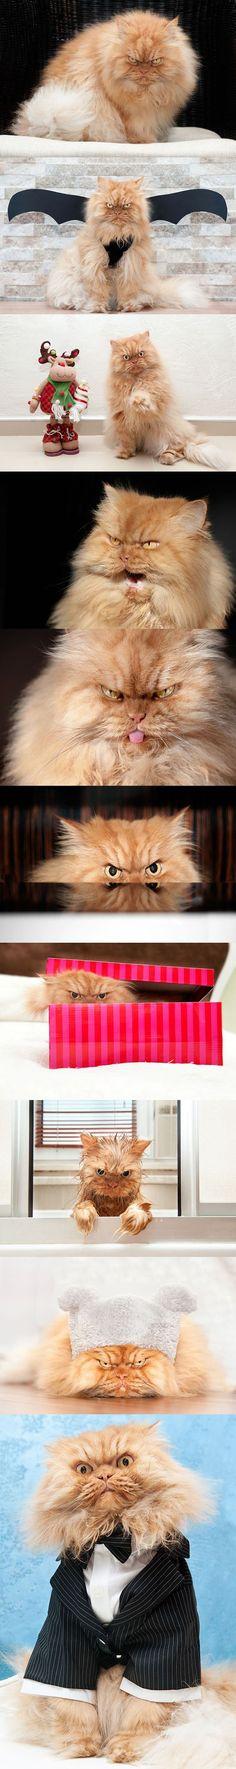 Böse_Katze